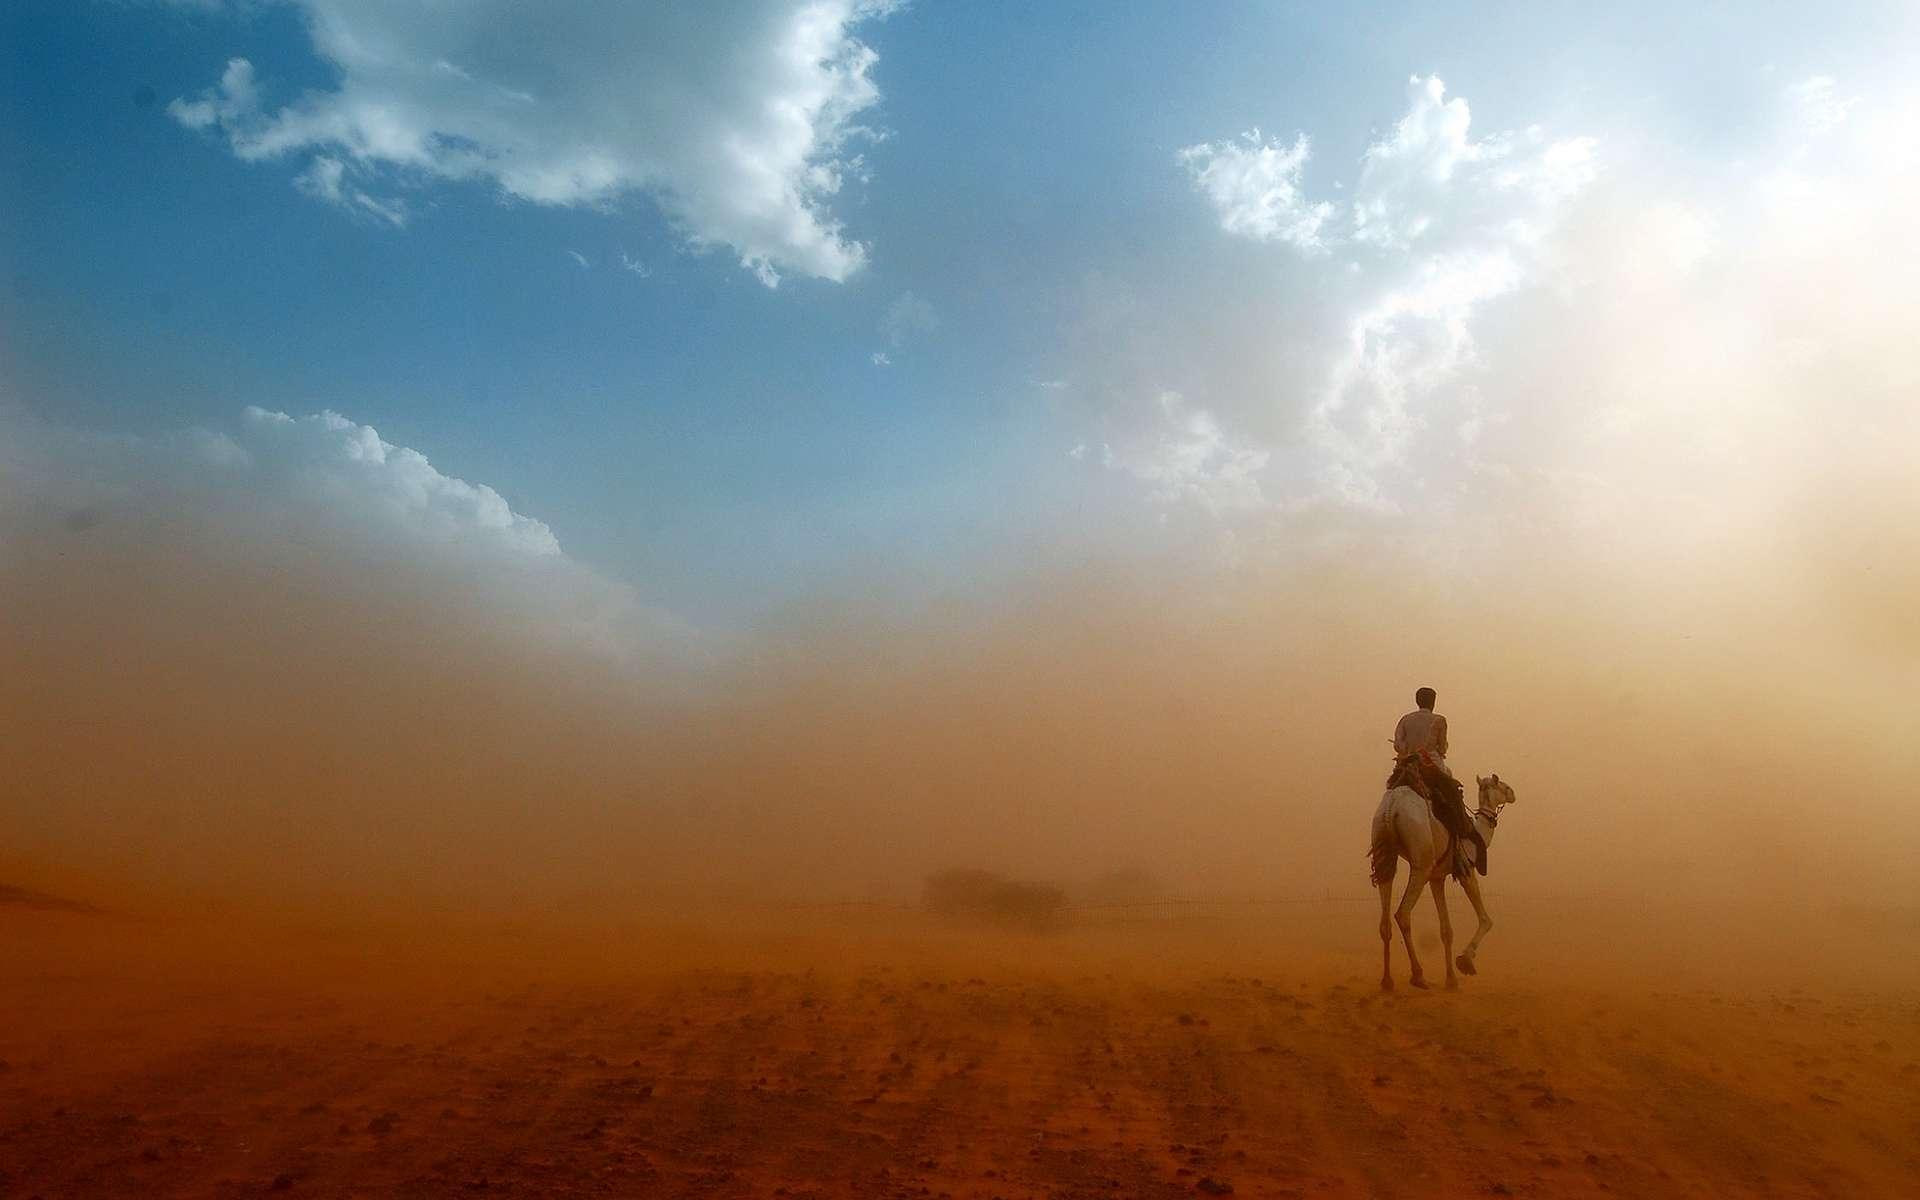 En soufflant violemment, l'harmattan soulève des poussières. © onairda, Shutterstock